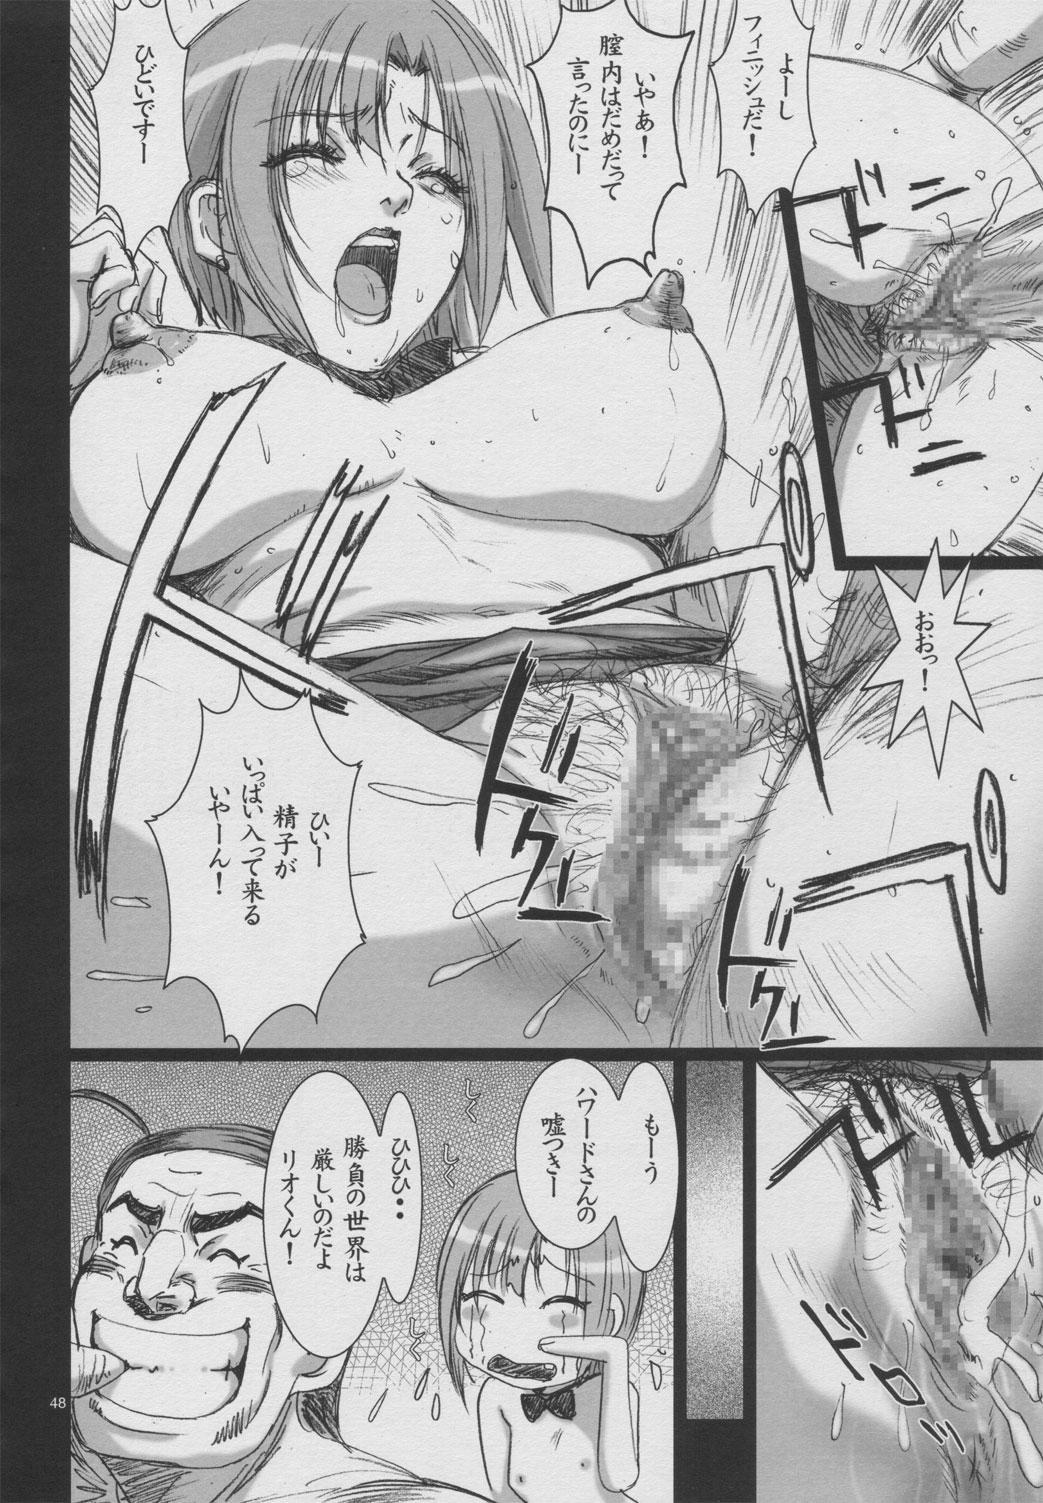 Surokyara Hisshou Magazine 46